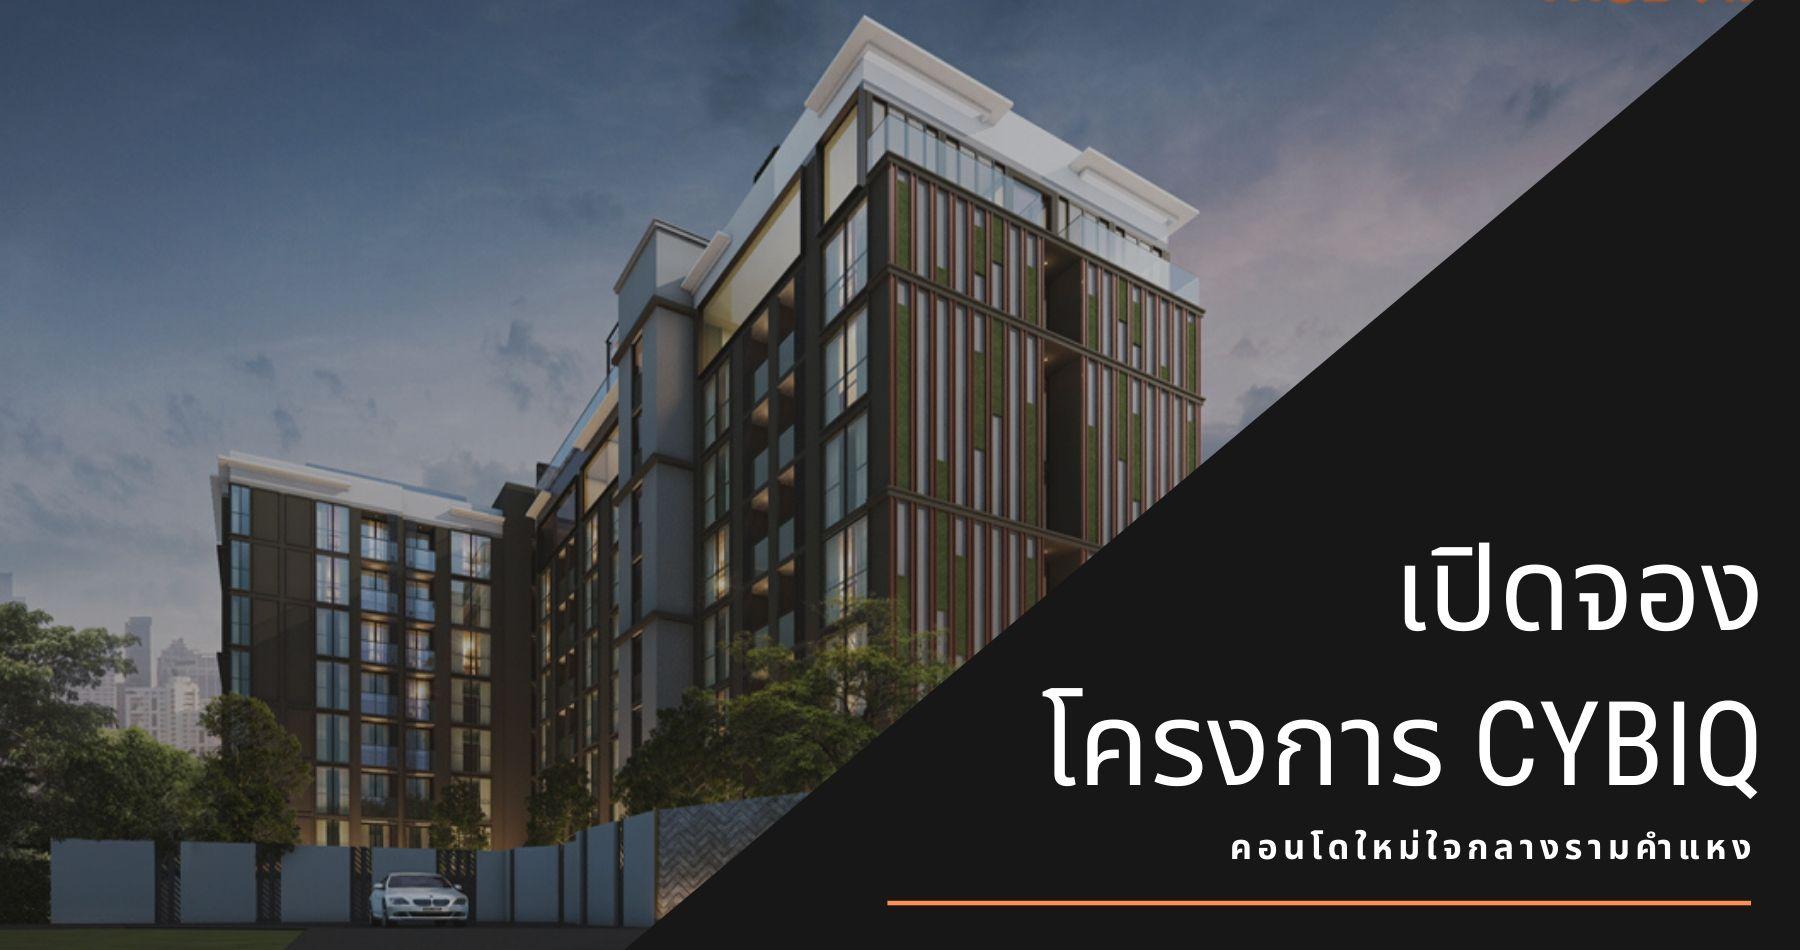 เปิดจอง CYBIQ Ramkhamhaeng คอนโดใหม่ใจกลางรามคำแหง